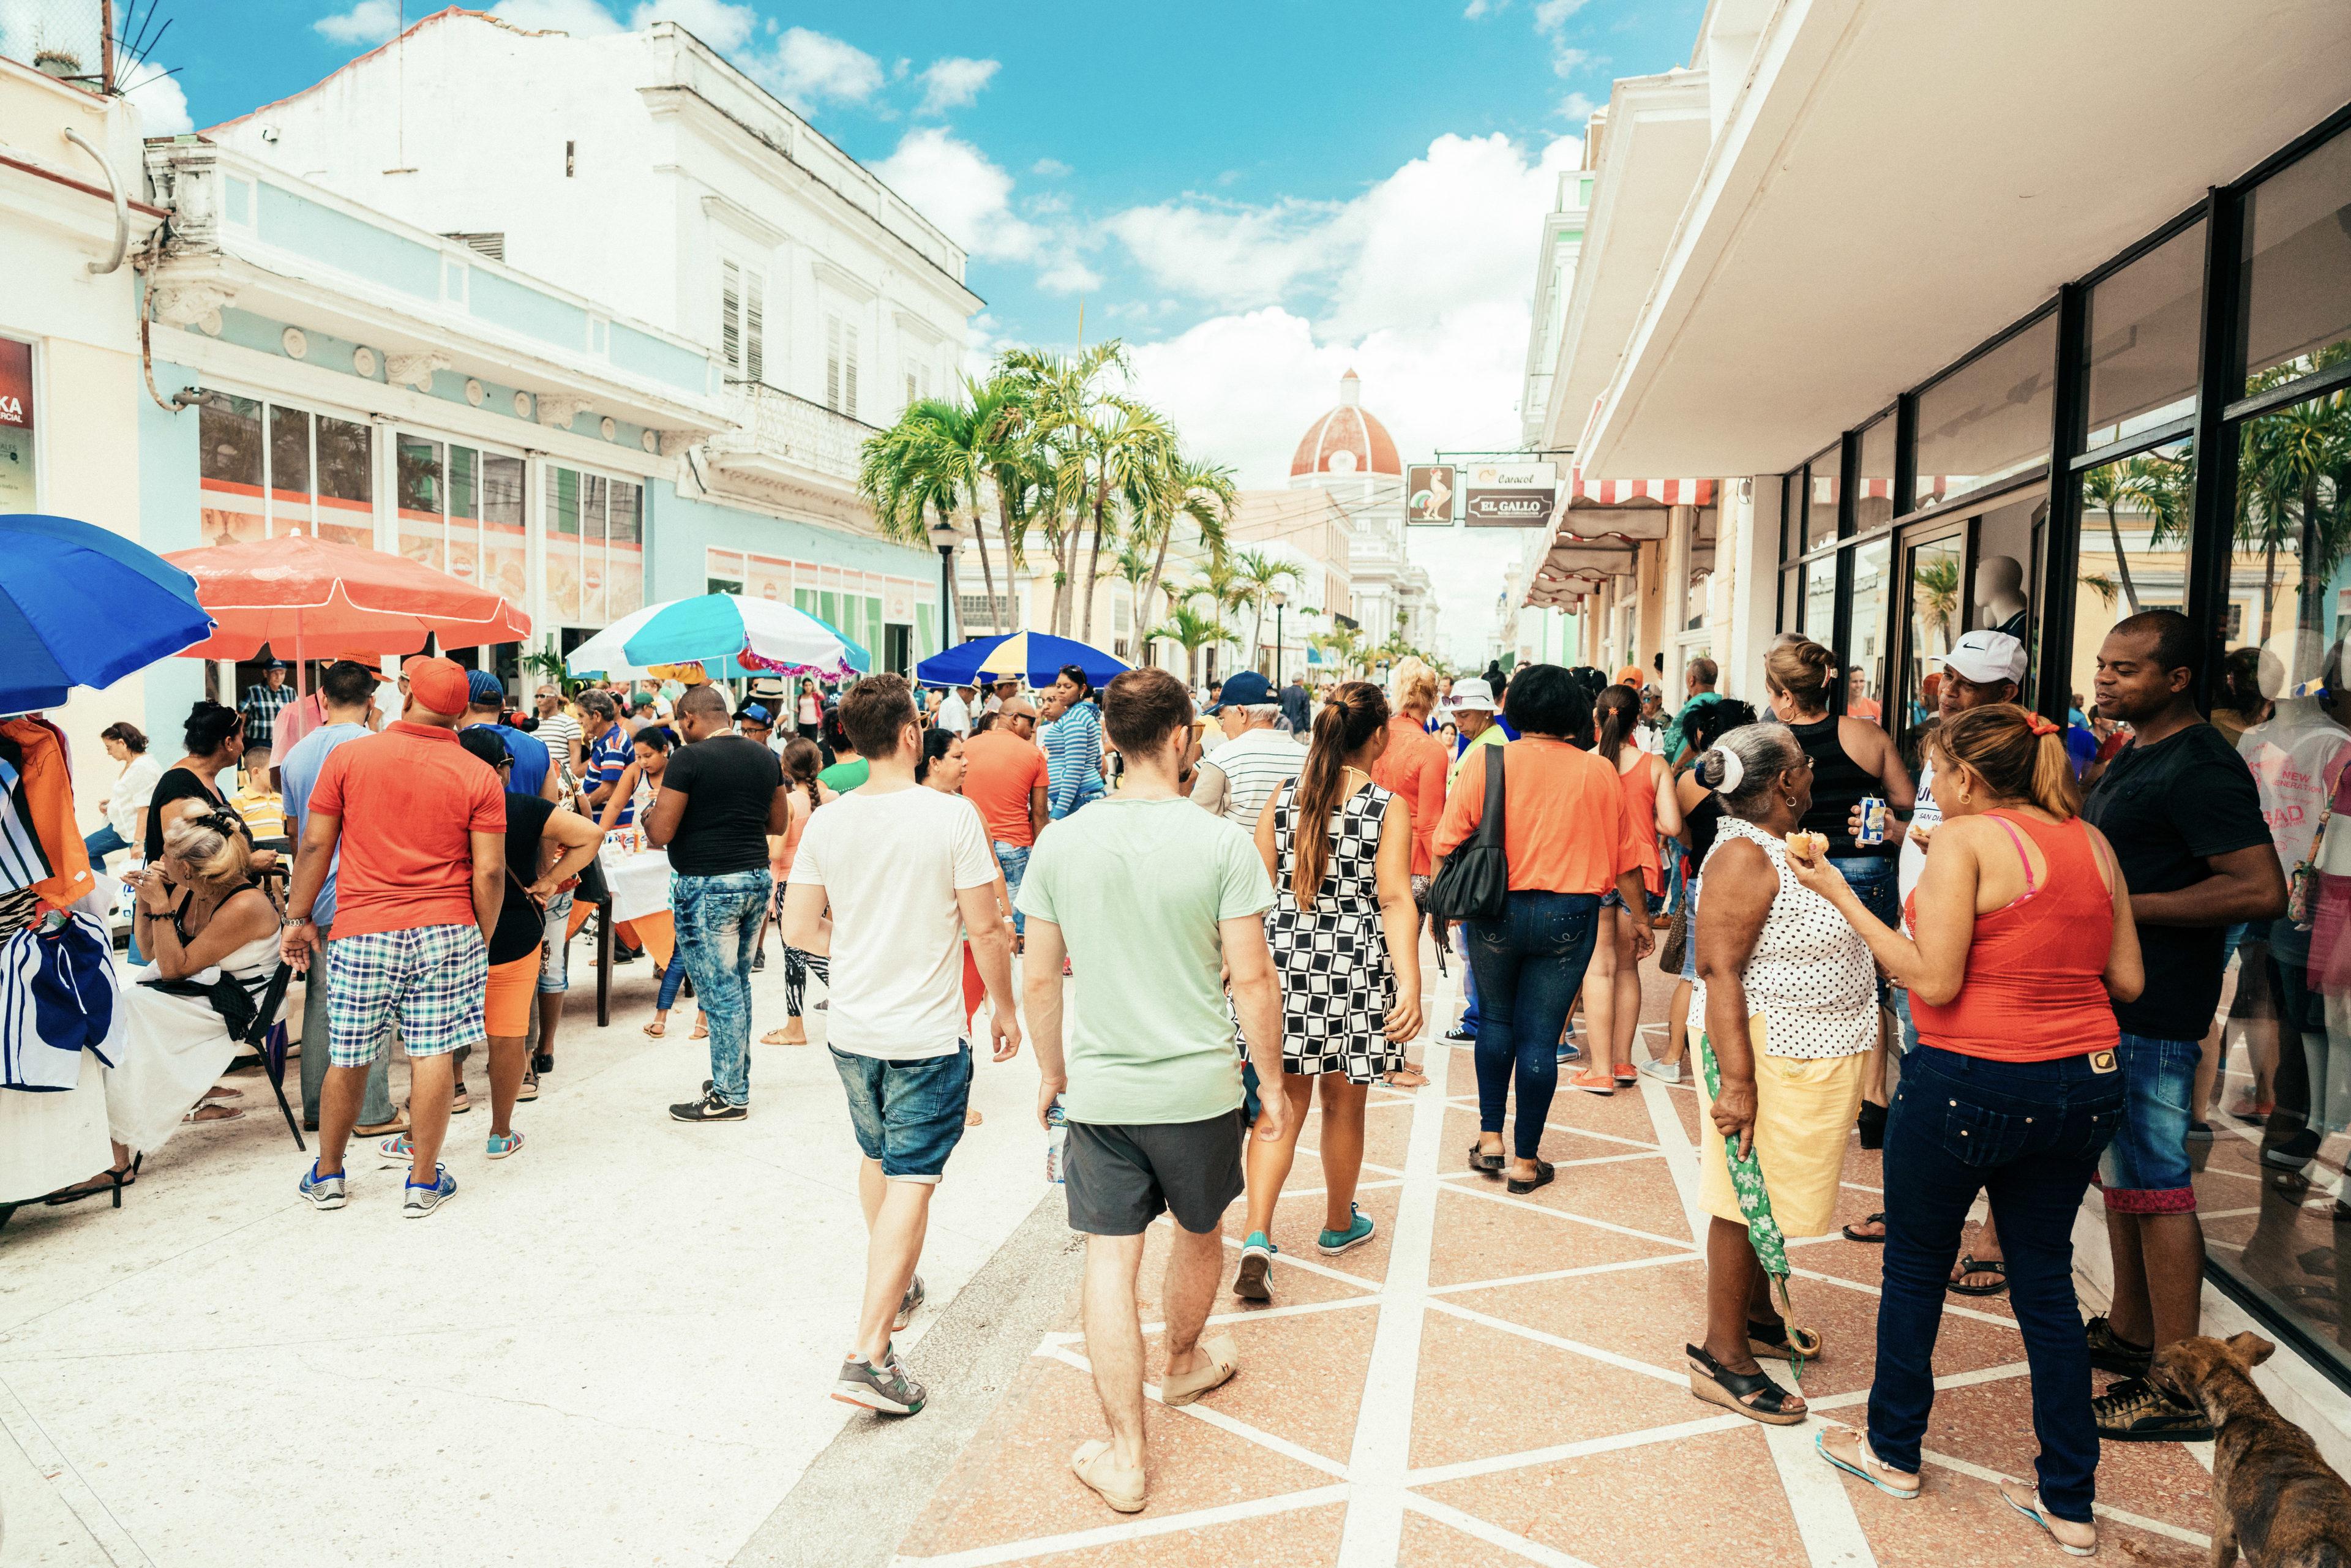 Touristen spazieren über einen Wochenmarkt in Kuba